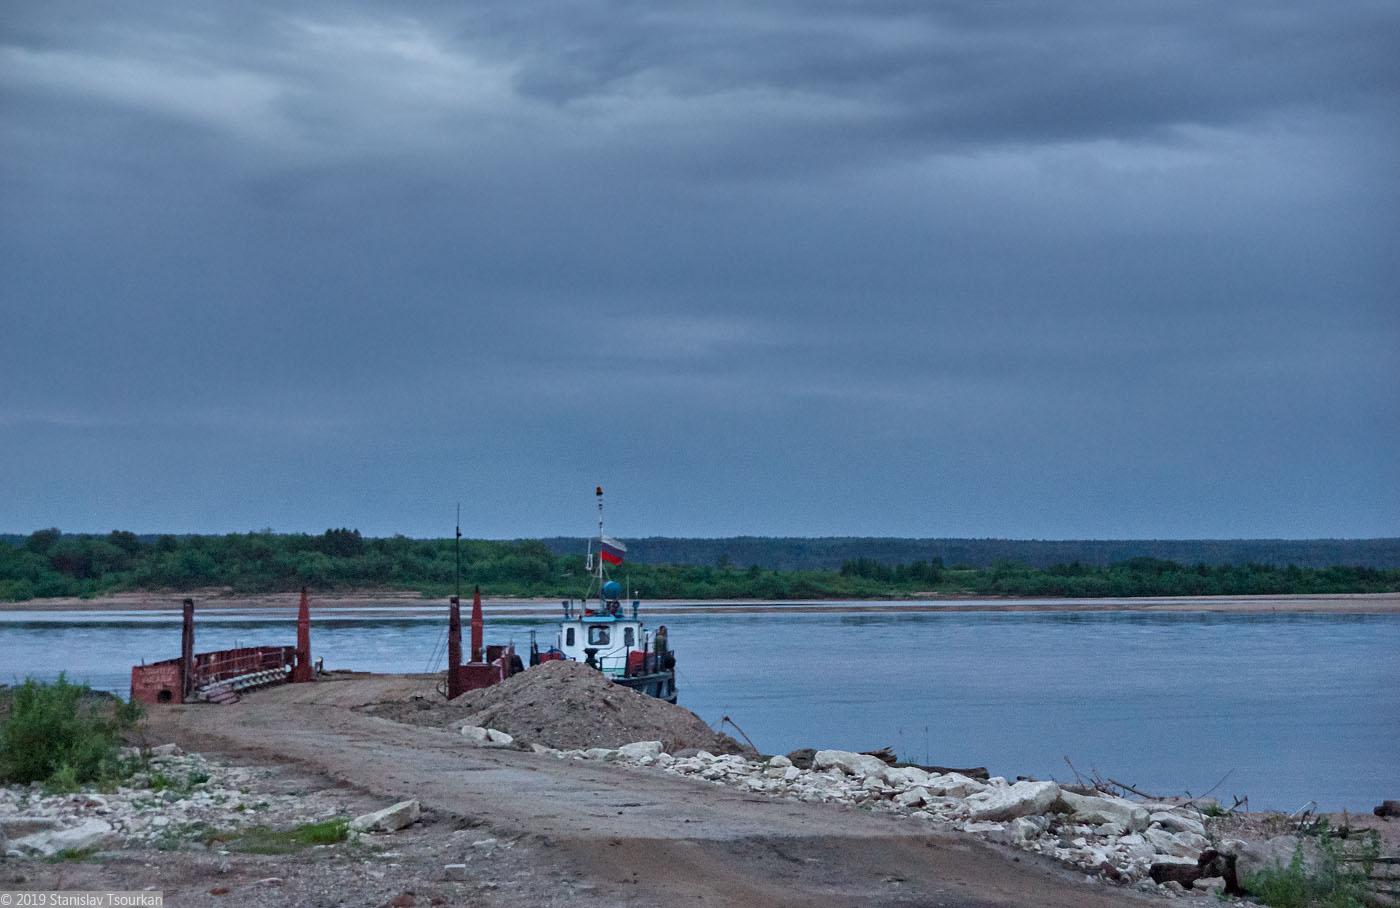 Вологодская область, Вологодчина, Великий устюг, Русский север, причал, Северная Двина